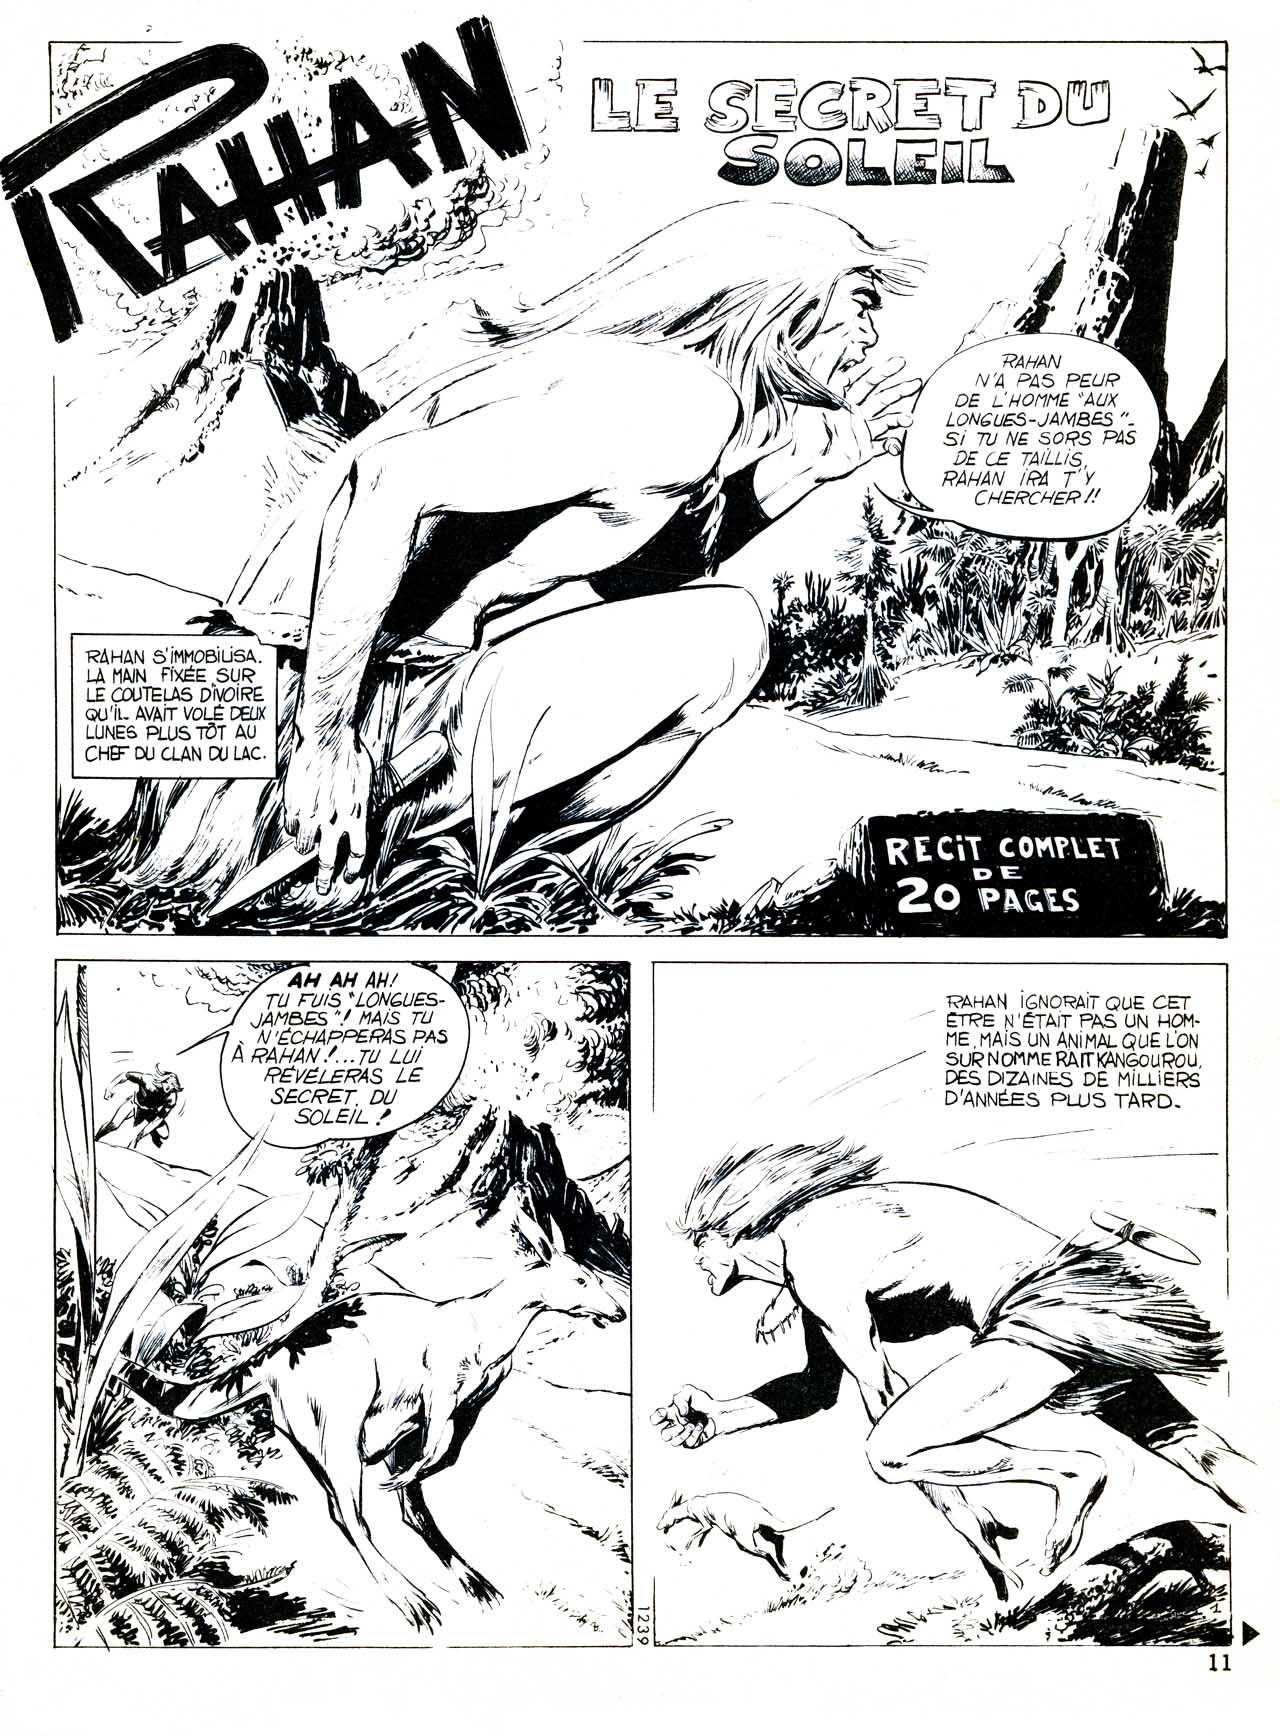 Rahan et le secret du soleil, dans Pif Gadget n° 1 (Vaillant, mars 1969 - planche 1)